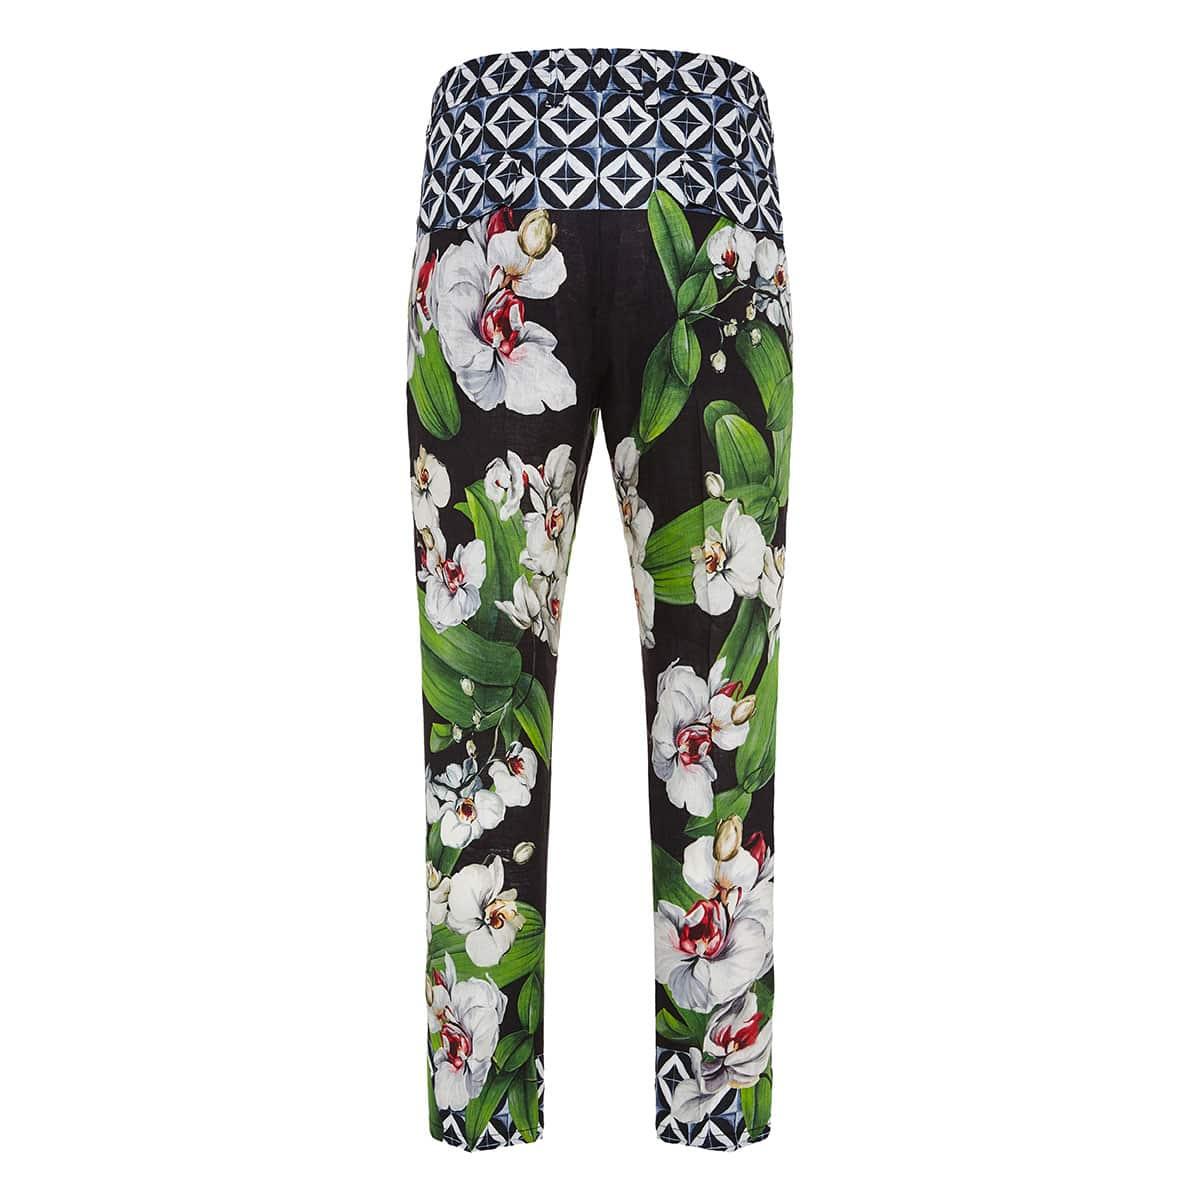 Floral linen trousers